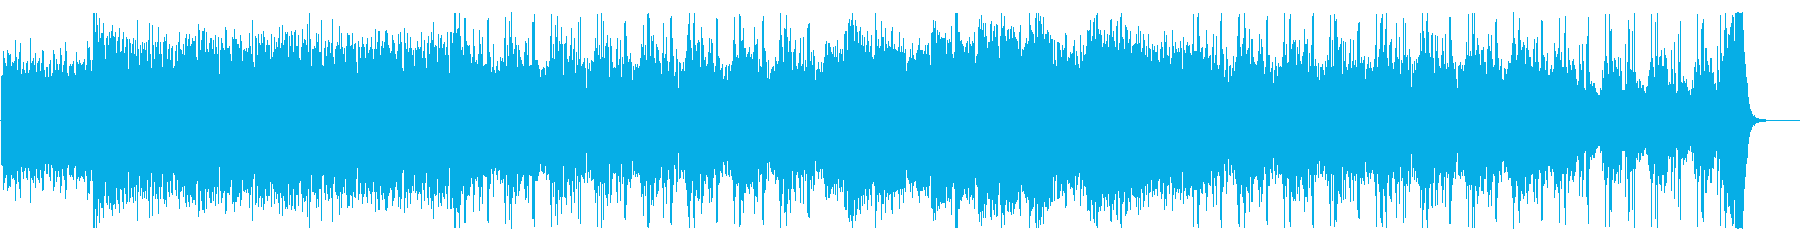 心理的圧迫感を演出するミニマル音楽の再生済みの波形